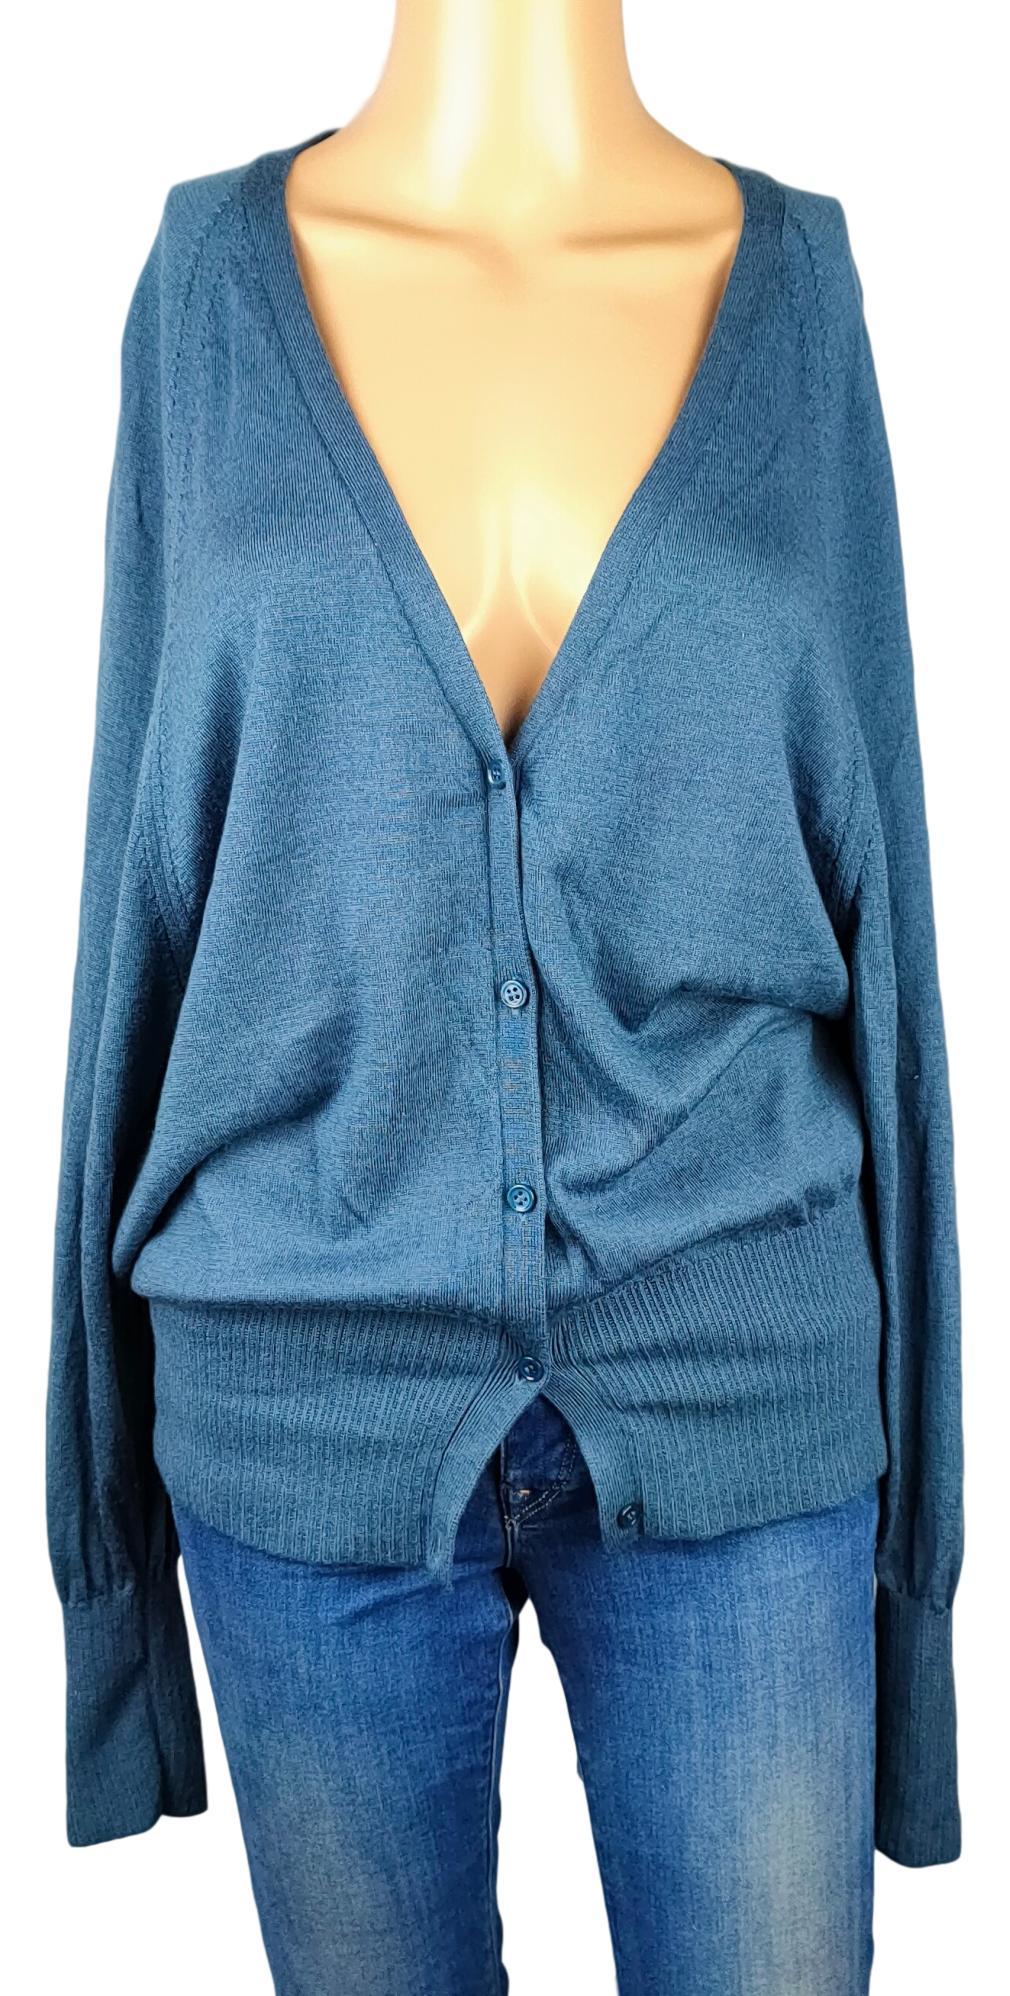 Comptoir des cotonniers - Taille XL